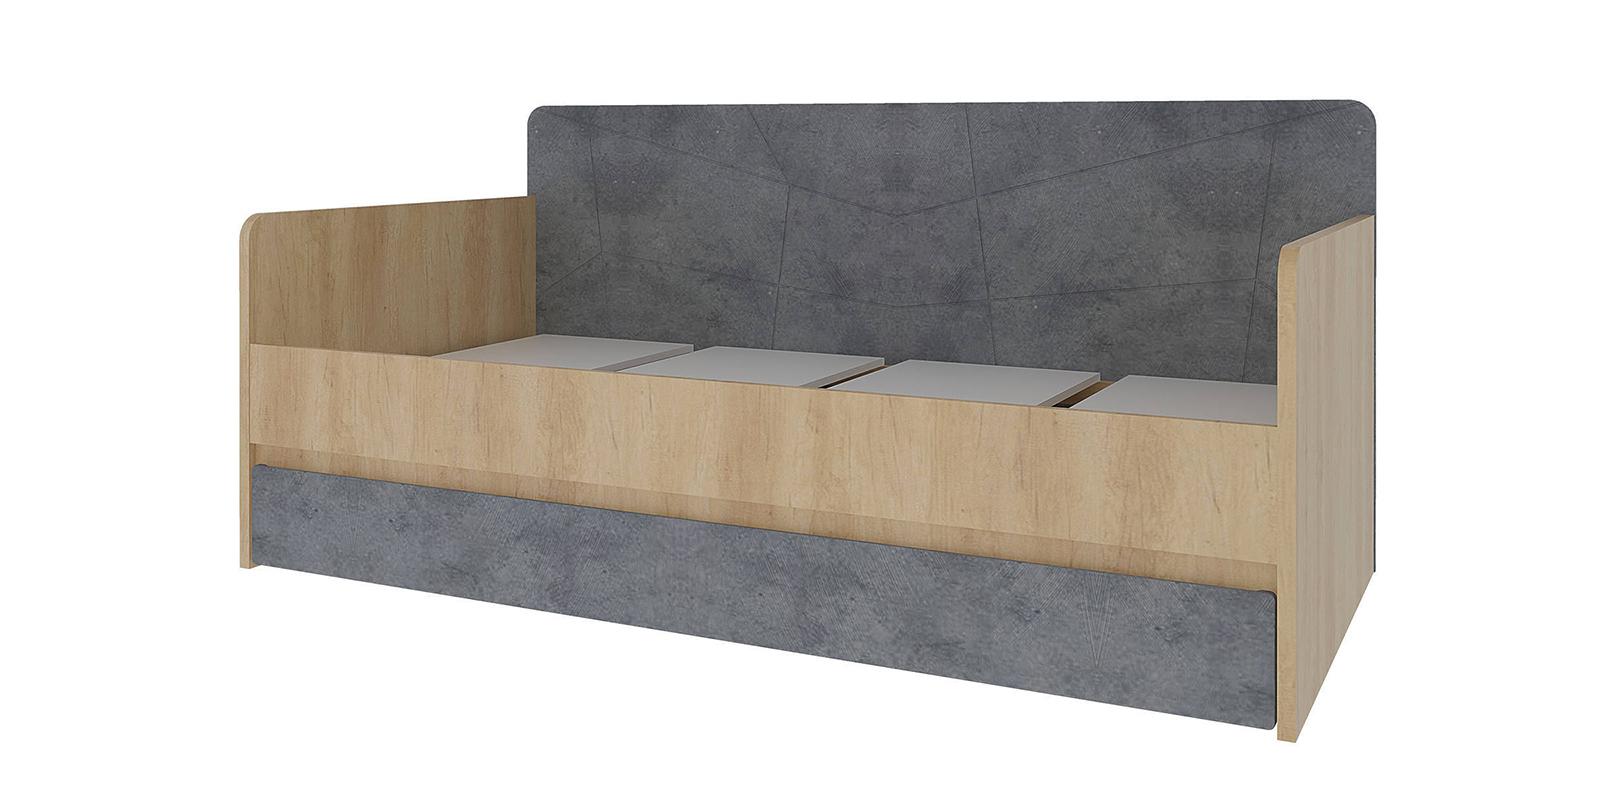 Кровать каркасная 200х90 Монца без подъемного механизма (дуб небраска/бетон тёмный)